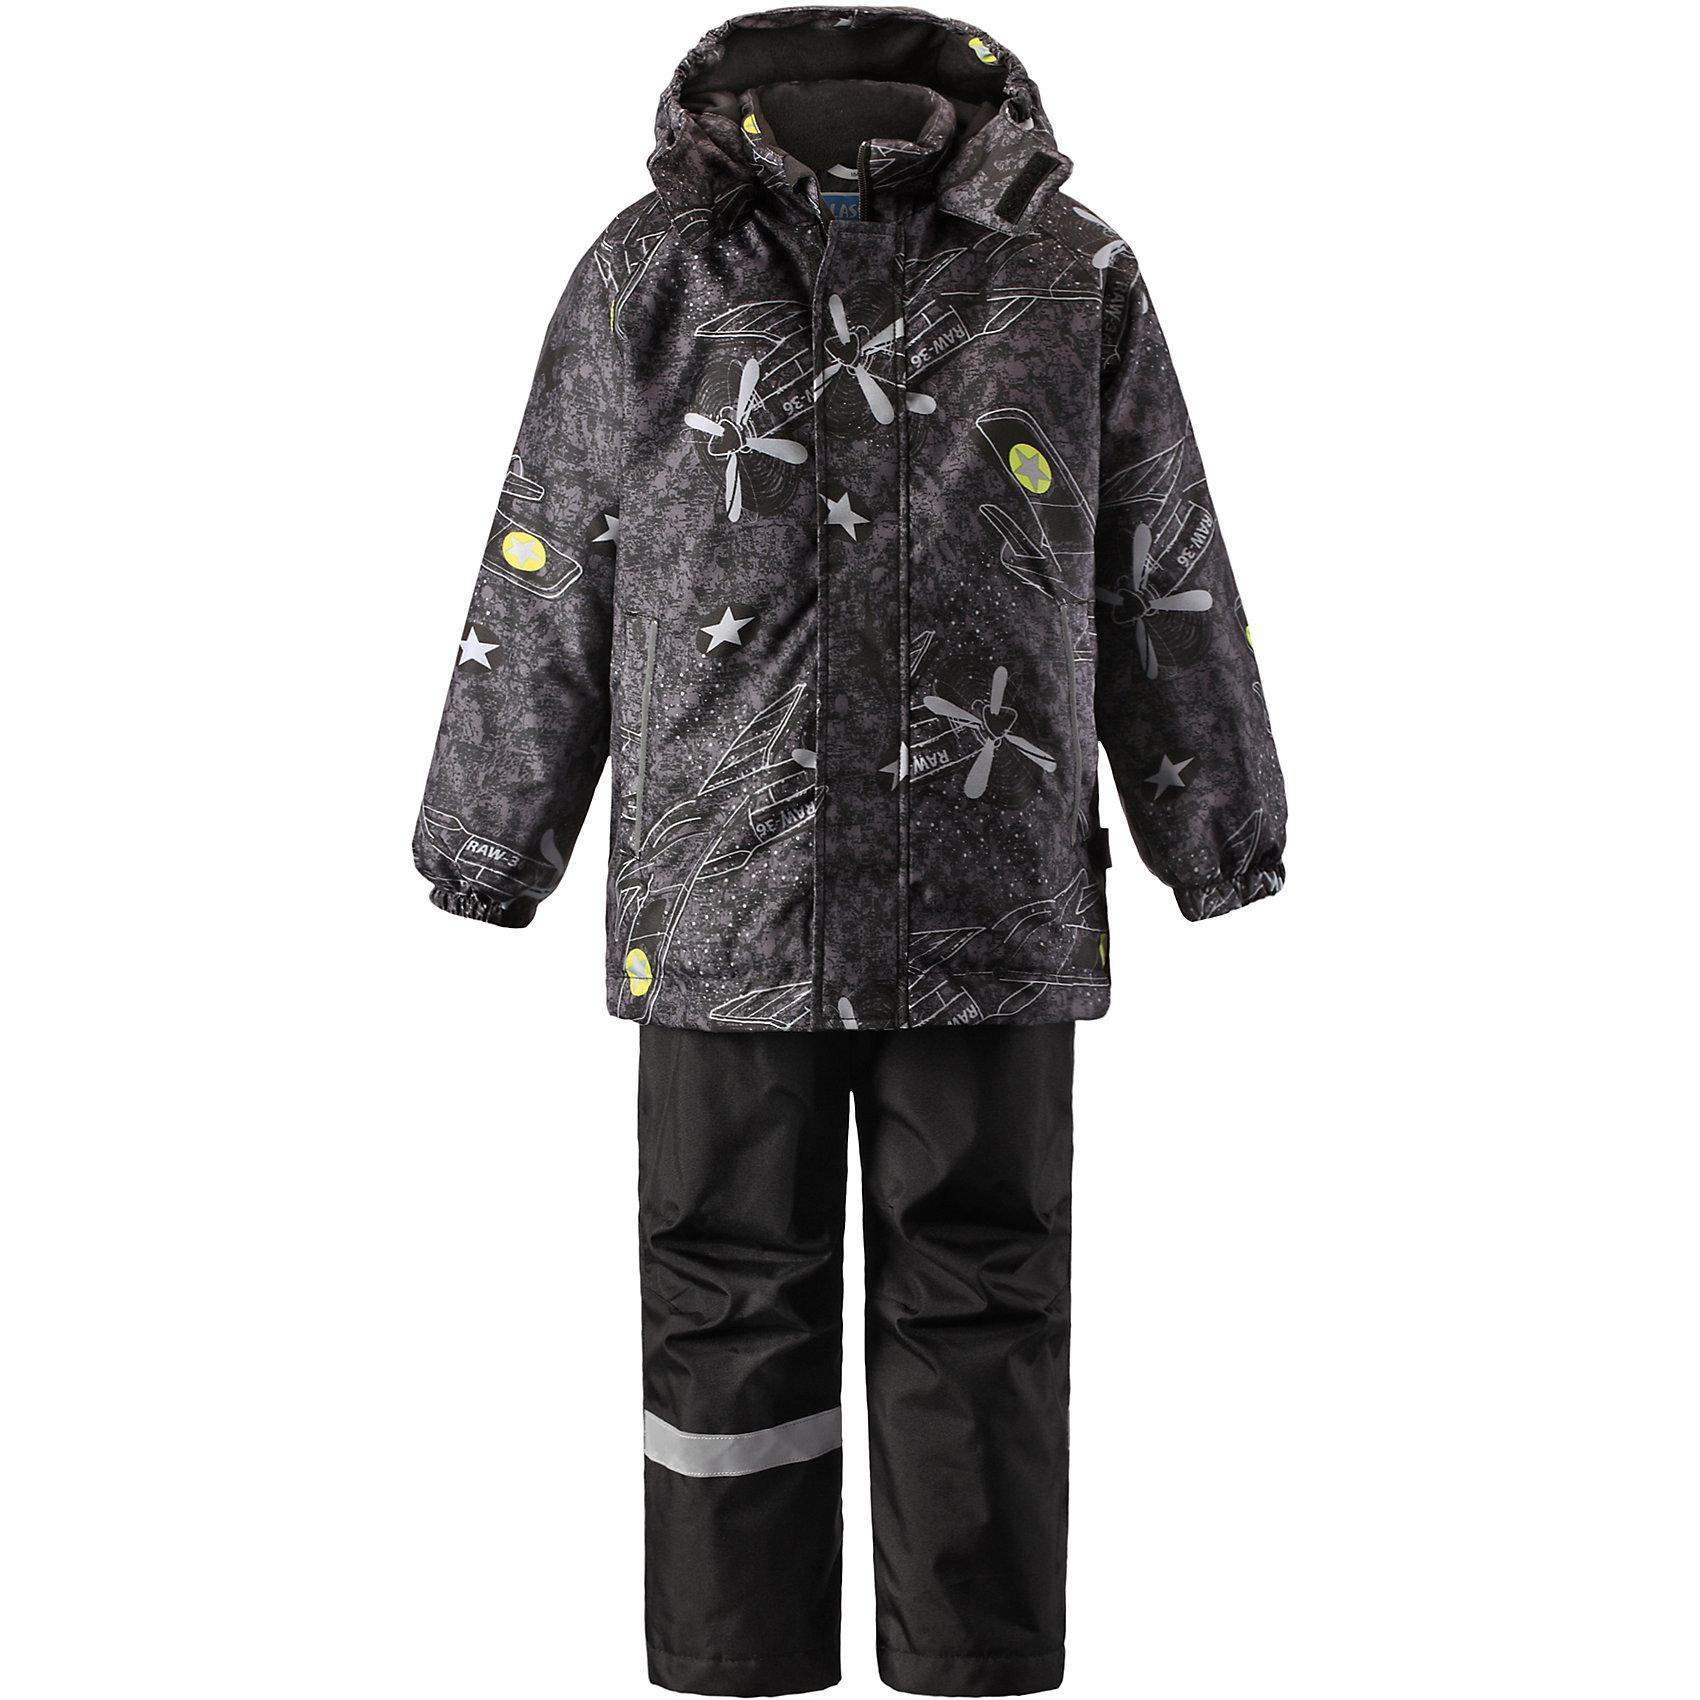 Комплект для мальчика LASSIEЗимний комплект для детей известной финской марки.<br><br>-  Прочный материал. Водоотталкивающий, ветронепроницаемый, «дышащий» и грязеотталкивающий материал.<br>-  Задний серединный шов брюк проклеен.<br>-  Гладкая подкладка из полиэстра.<br>-  Средняя степень утепления. <br>- Безопасный, съемный капюшон.<br>-  Эластичные манжеты. Эластичная талия. <br>- Регулируемый подол. Снегозащитные манжеты на штанинах. <br>- Ширинка на молнии. Карманы в боковых швах.<br>-  Регулируемые и отстегивающиеся эластичные подтяжки.<br>-  Принт по всей поверхности. <br><br> Рекомендации по уходу: Стирать по отдельности, вывернув наизнанку. Застегнуть молнии и липучки. Соблюдать температуру в соответствии с руководством по уходу. Стирать моющим средством, не содержащим отбеливающие вещества. Полоскать без специального средства. Сушение в сушильном шкафу разрешено при  низкой температуре.<br><br>Состав: 100% Полиамид, полиуретановое покрытие.  Утеплитель «Lassie wadding» 100гр.(брюки); 180гр.(куртка).<br><br>Ширина мм: 190<br>Глубина мм: 74<br>Высота мм: 229<br>Вес г: 236<br>Цвет: черный<br>Возраст от месяцев: 36<br>Возраст до месяцев: 48<br>Пол: Мужской<br>Возраст: Детский<br>Размер: 104,110,116,122,128,134,140,92,98<br>SKU: 4782228